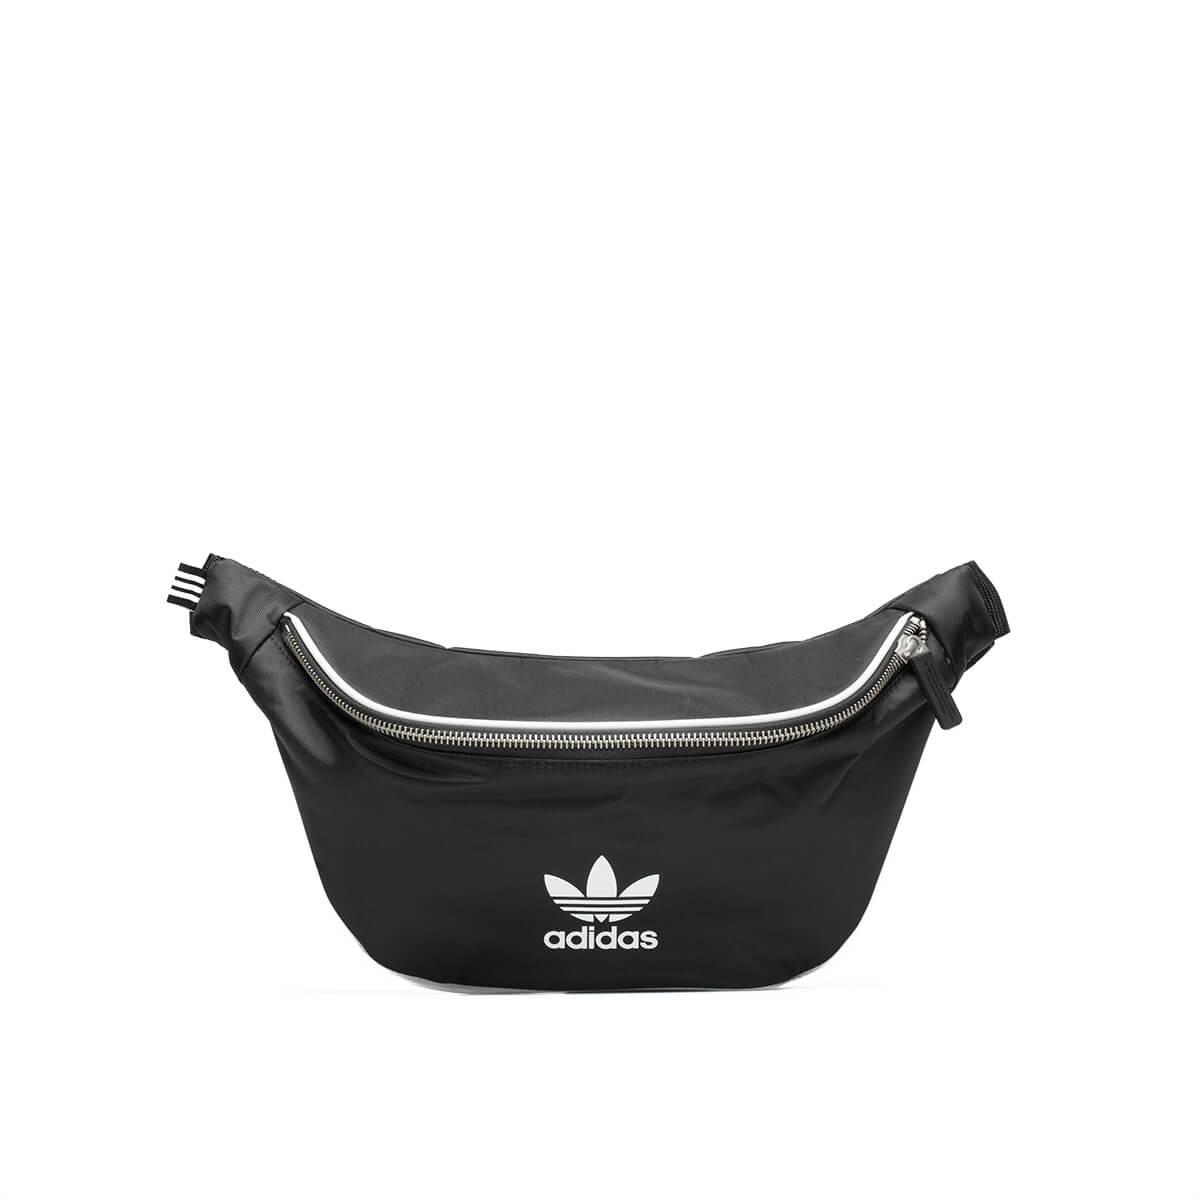 Adidas Originals Waistbag Adicolor In Black For Men Lyst Case Iphone X Gallery Mens 6 Cases